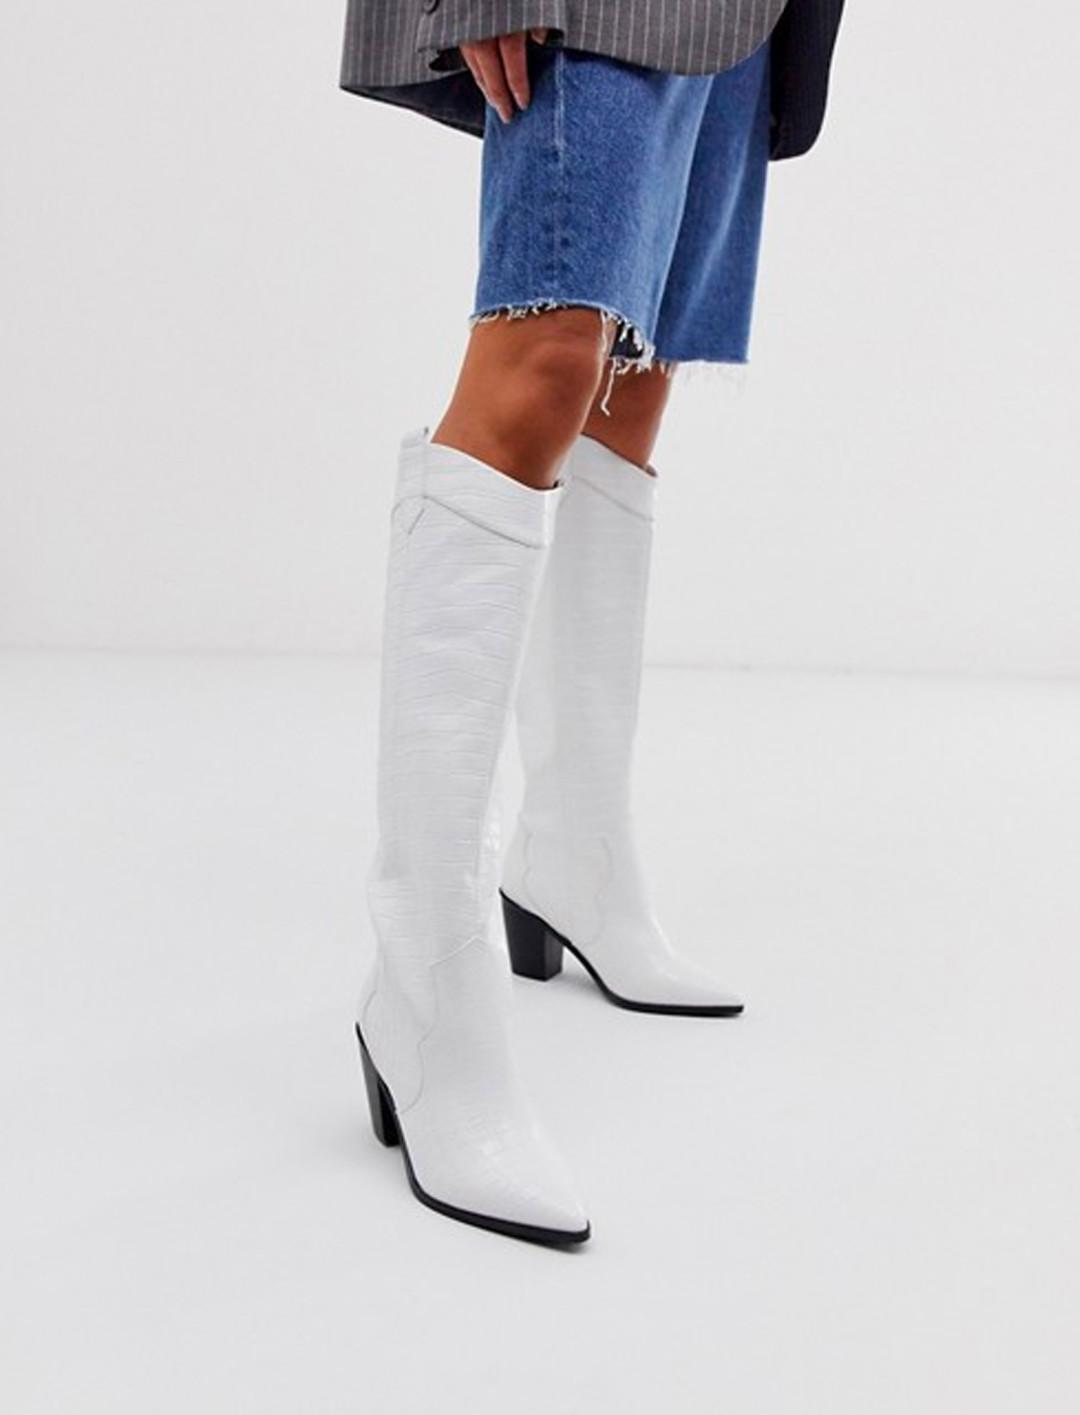 Botas de caña alta estilo western sin cierres en diseño de cocodrilo blanco.